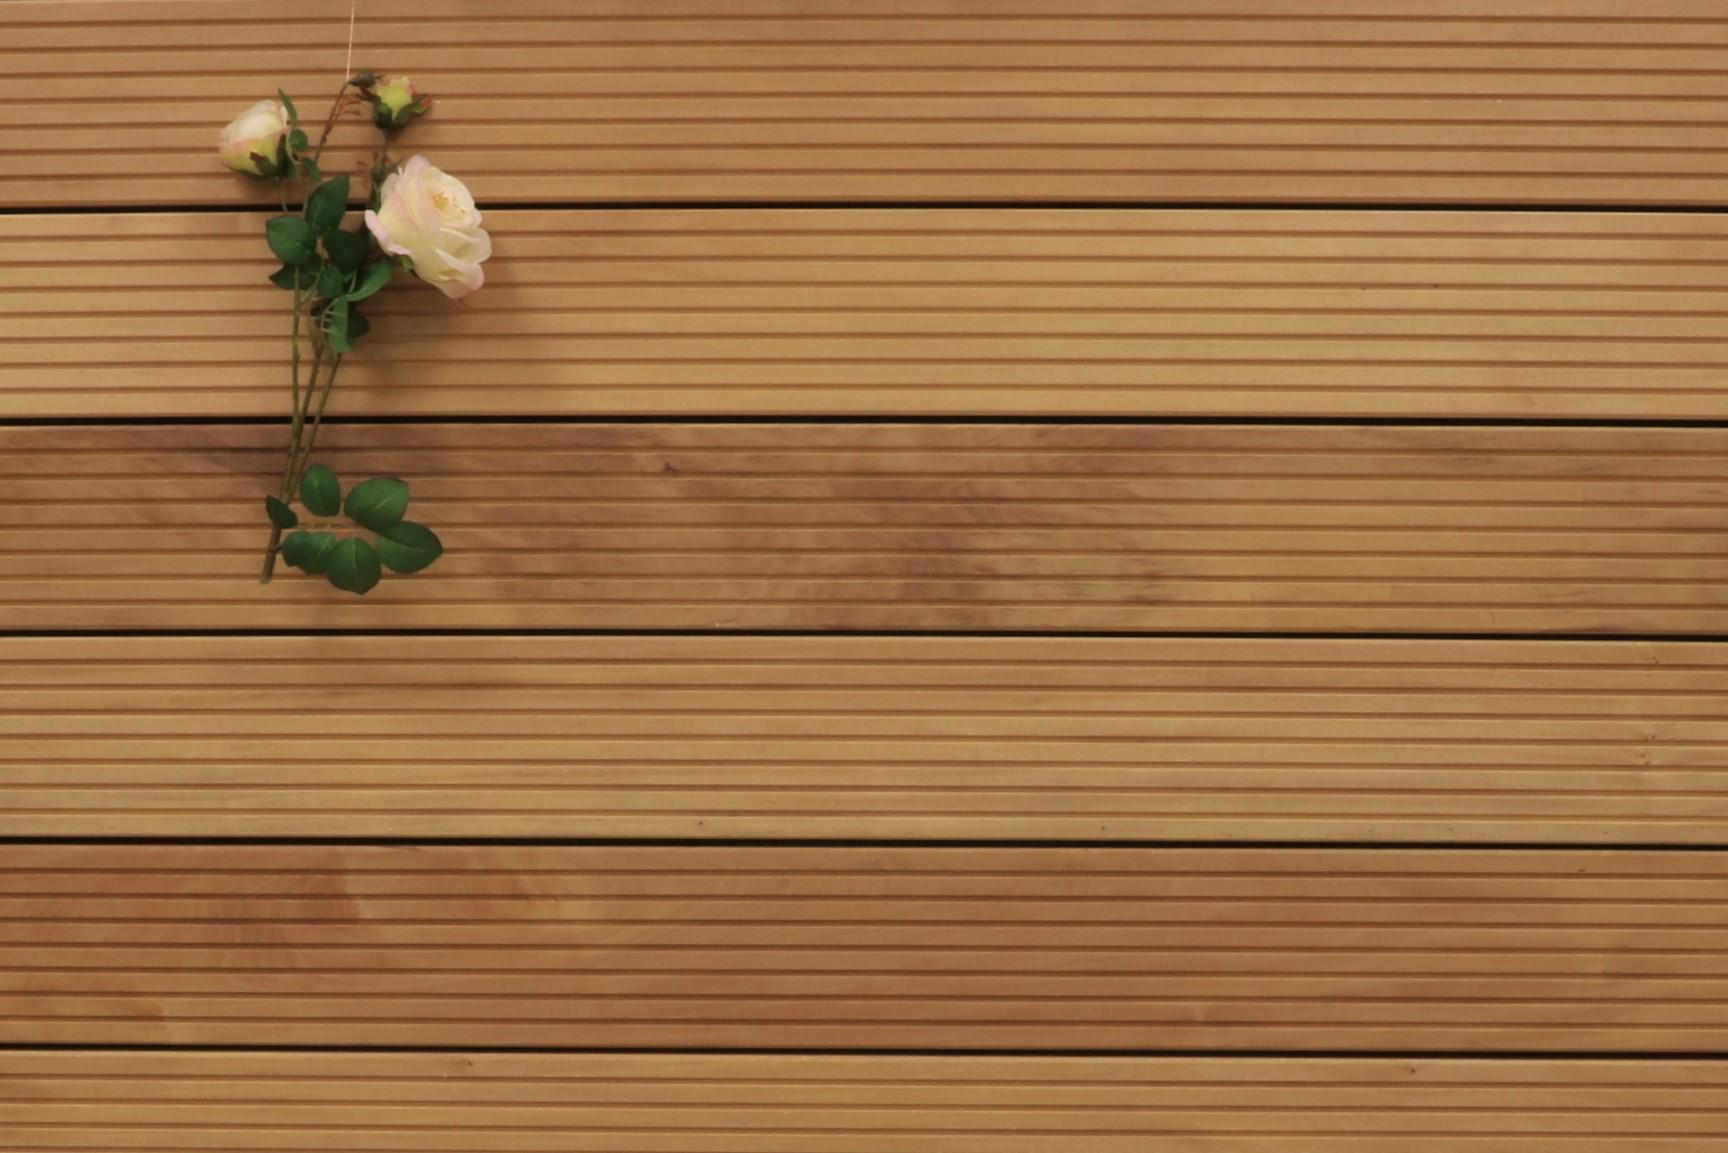 Holzterrasse Garapa, grob genutet, 45 x 145 bis 6100 mm Dielen, Premium (KD) Holz Bretter für die Terrasse, 21,90 €/lfm